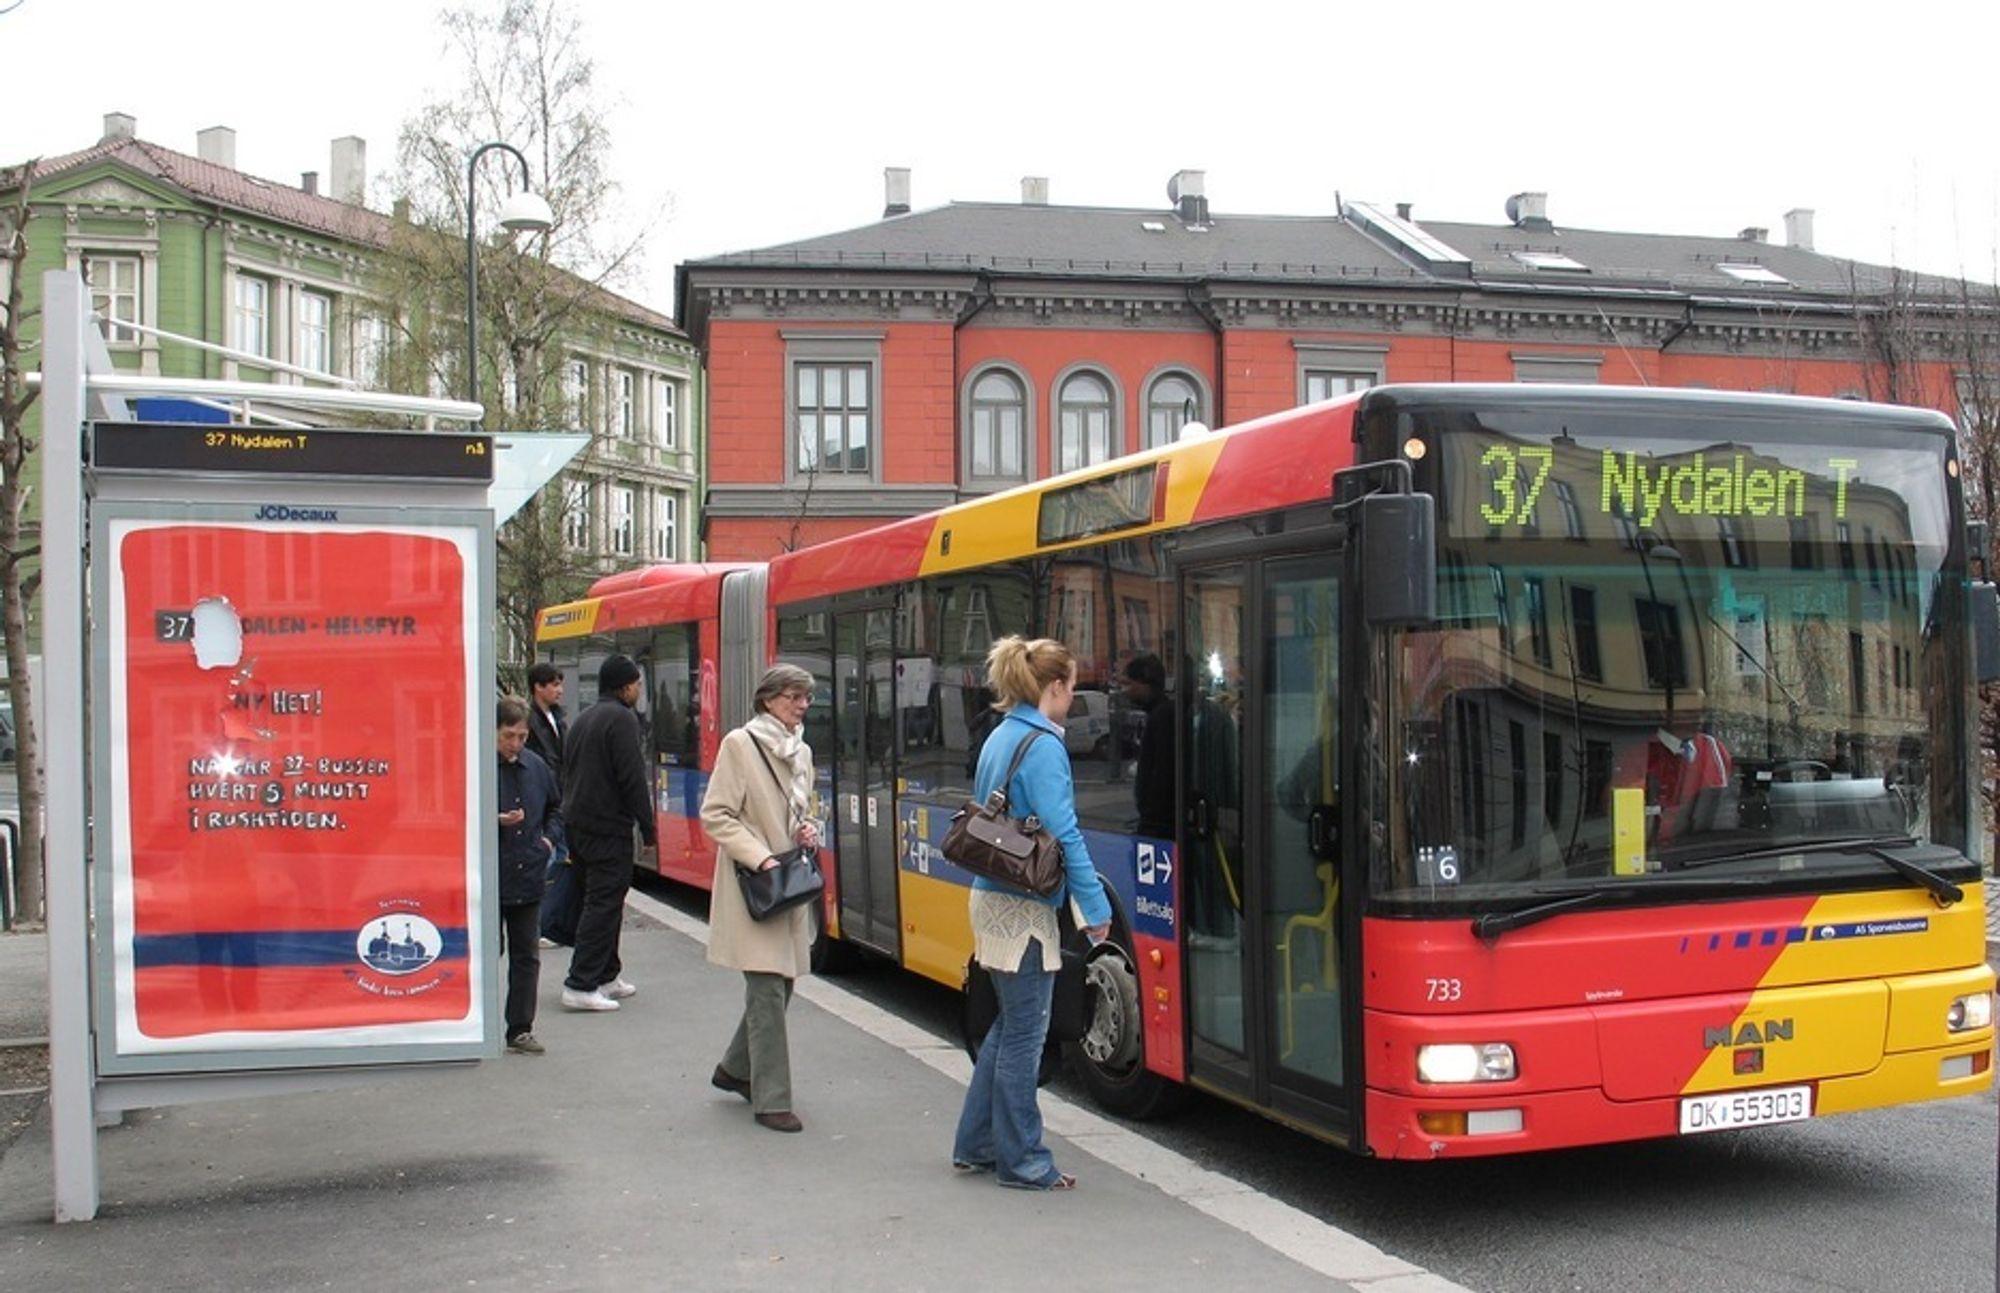 37-bussen er blant linjene i Oslo som nå har fått trådløst internett sponset av NITH.